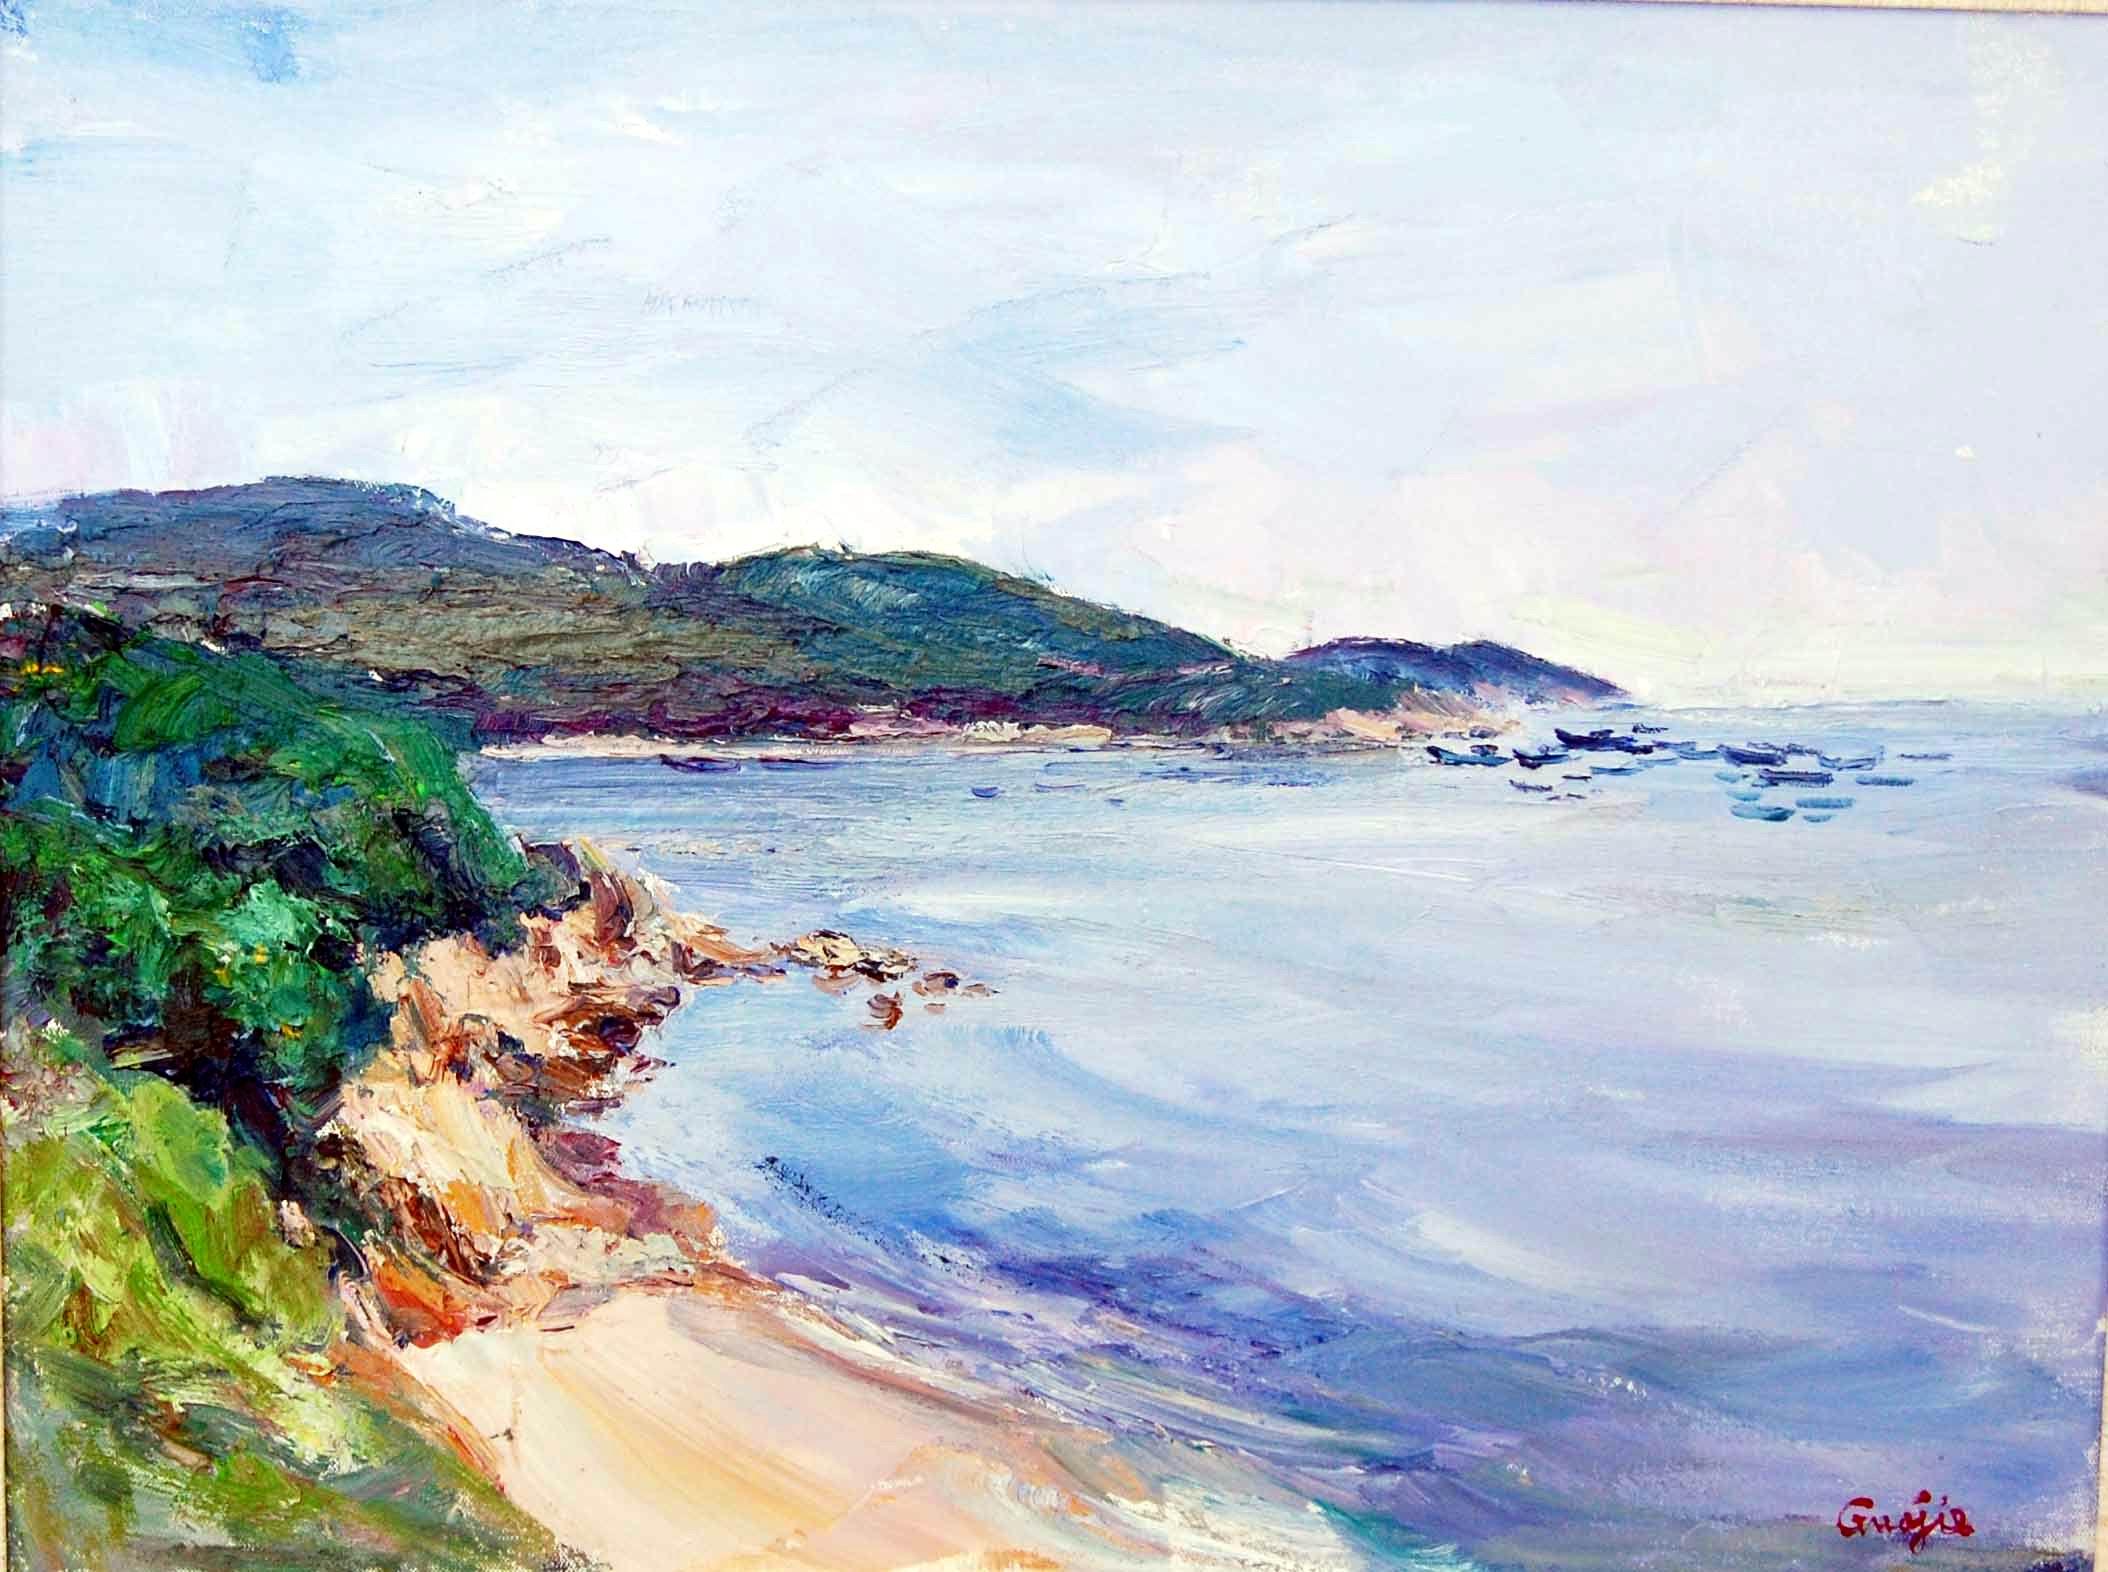 此幅作品为一副风景油画作品,作品蓝绿色为基调,通过大块面的手法表现